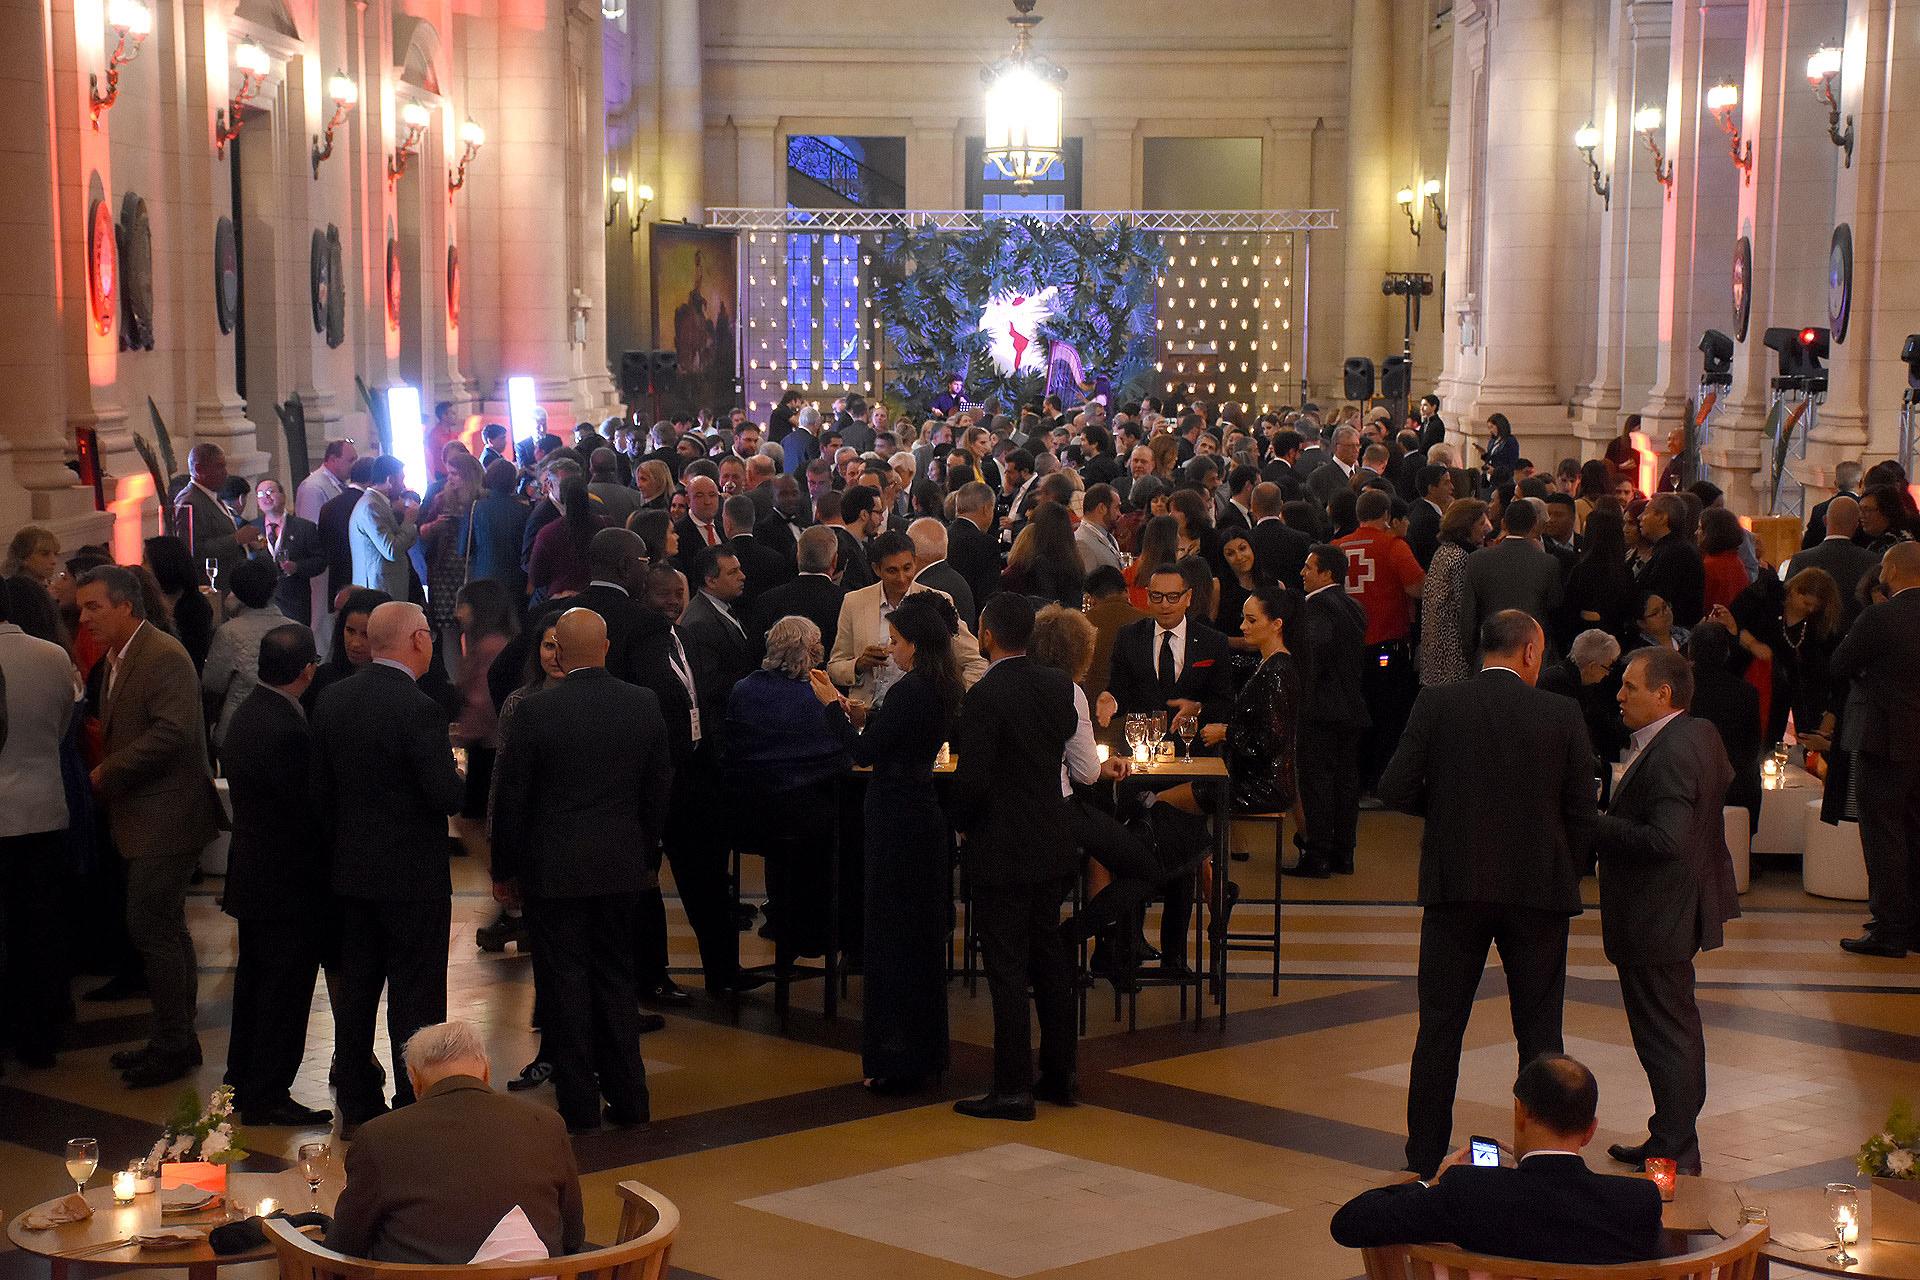 Los invitados disfrutaron de un cóctel antes del concierto